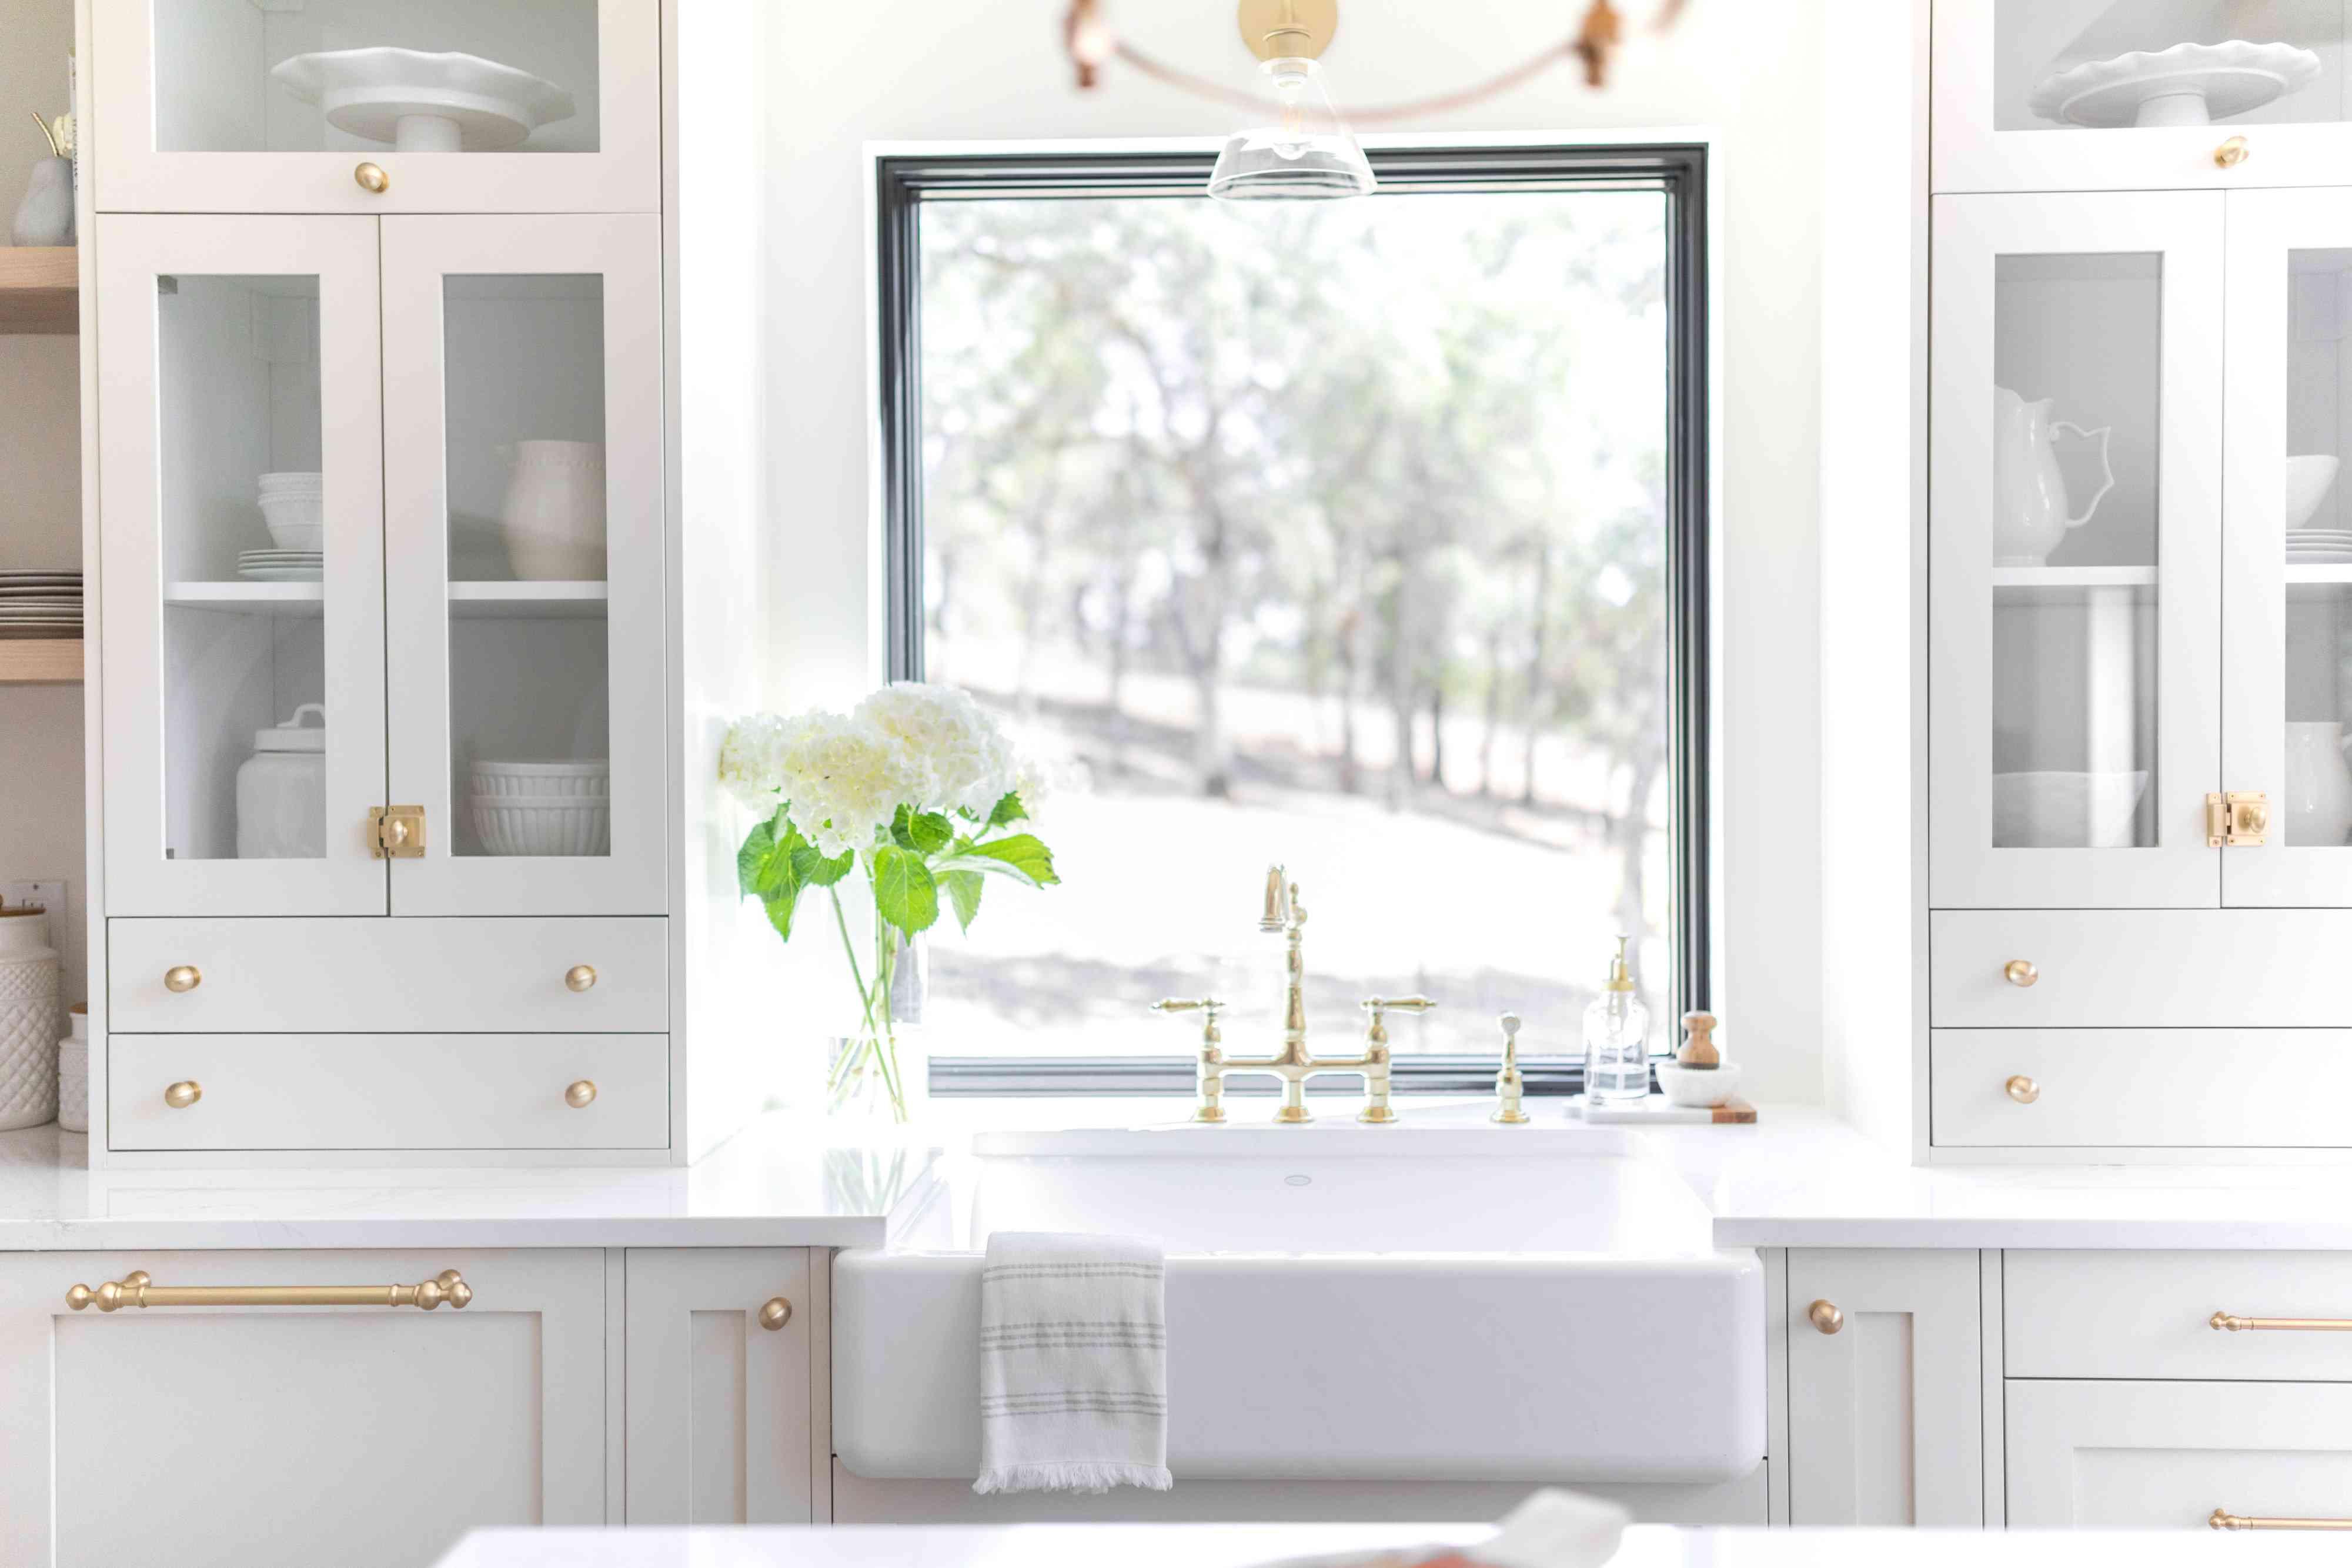 White kitchen sink and window.